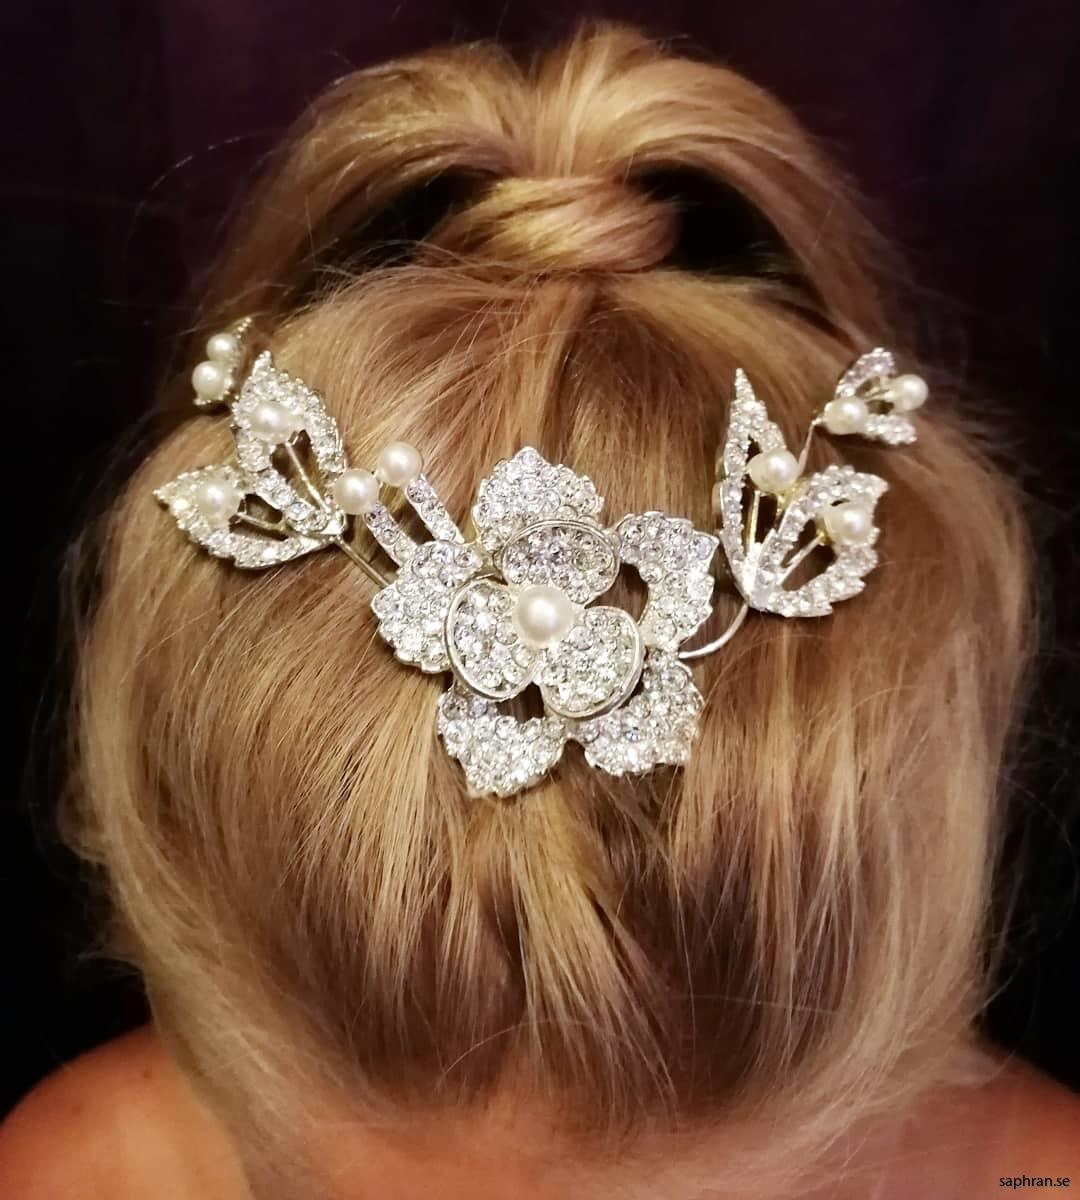 Håracessoar med pärlor och diamanter formade som blommor